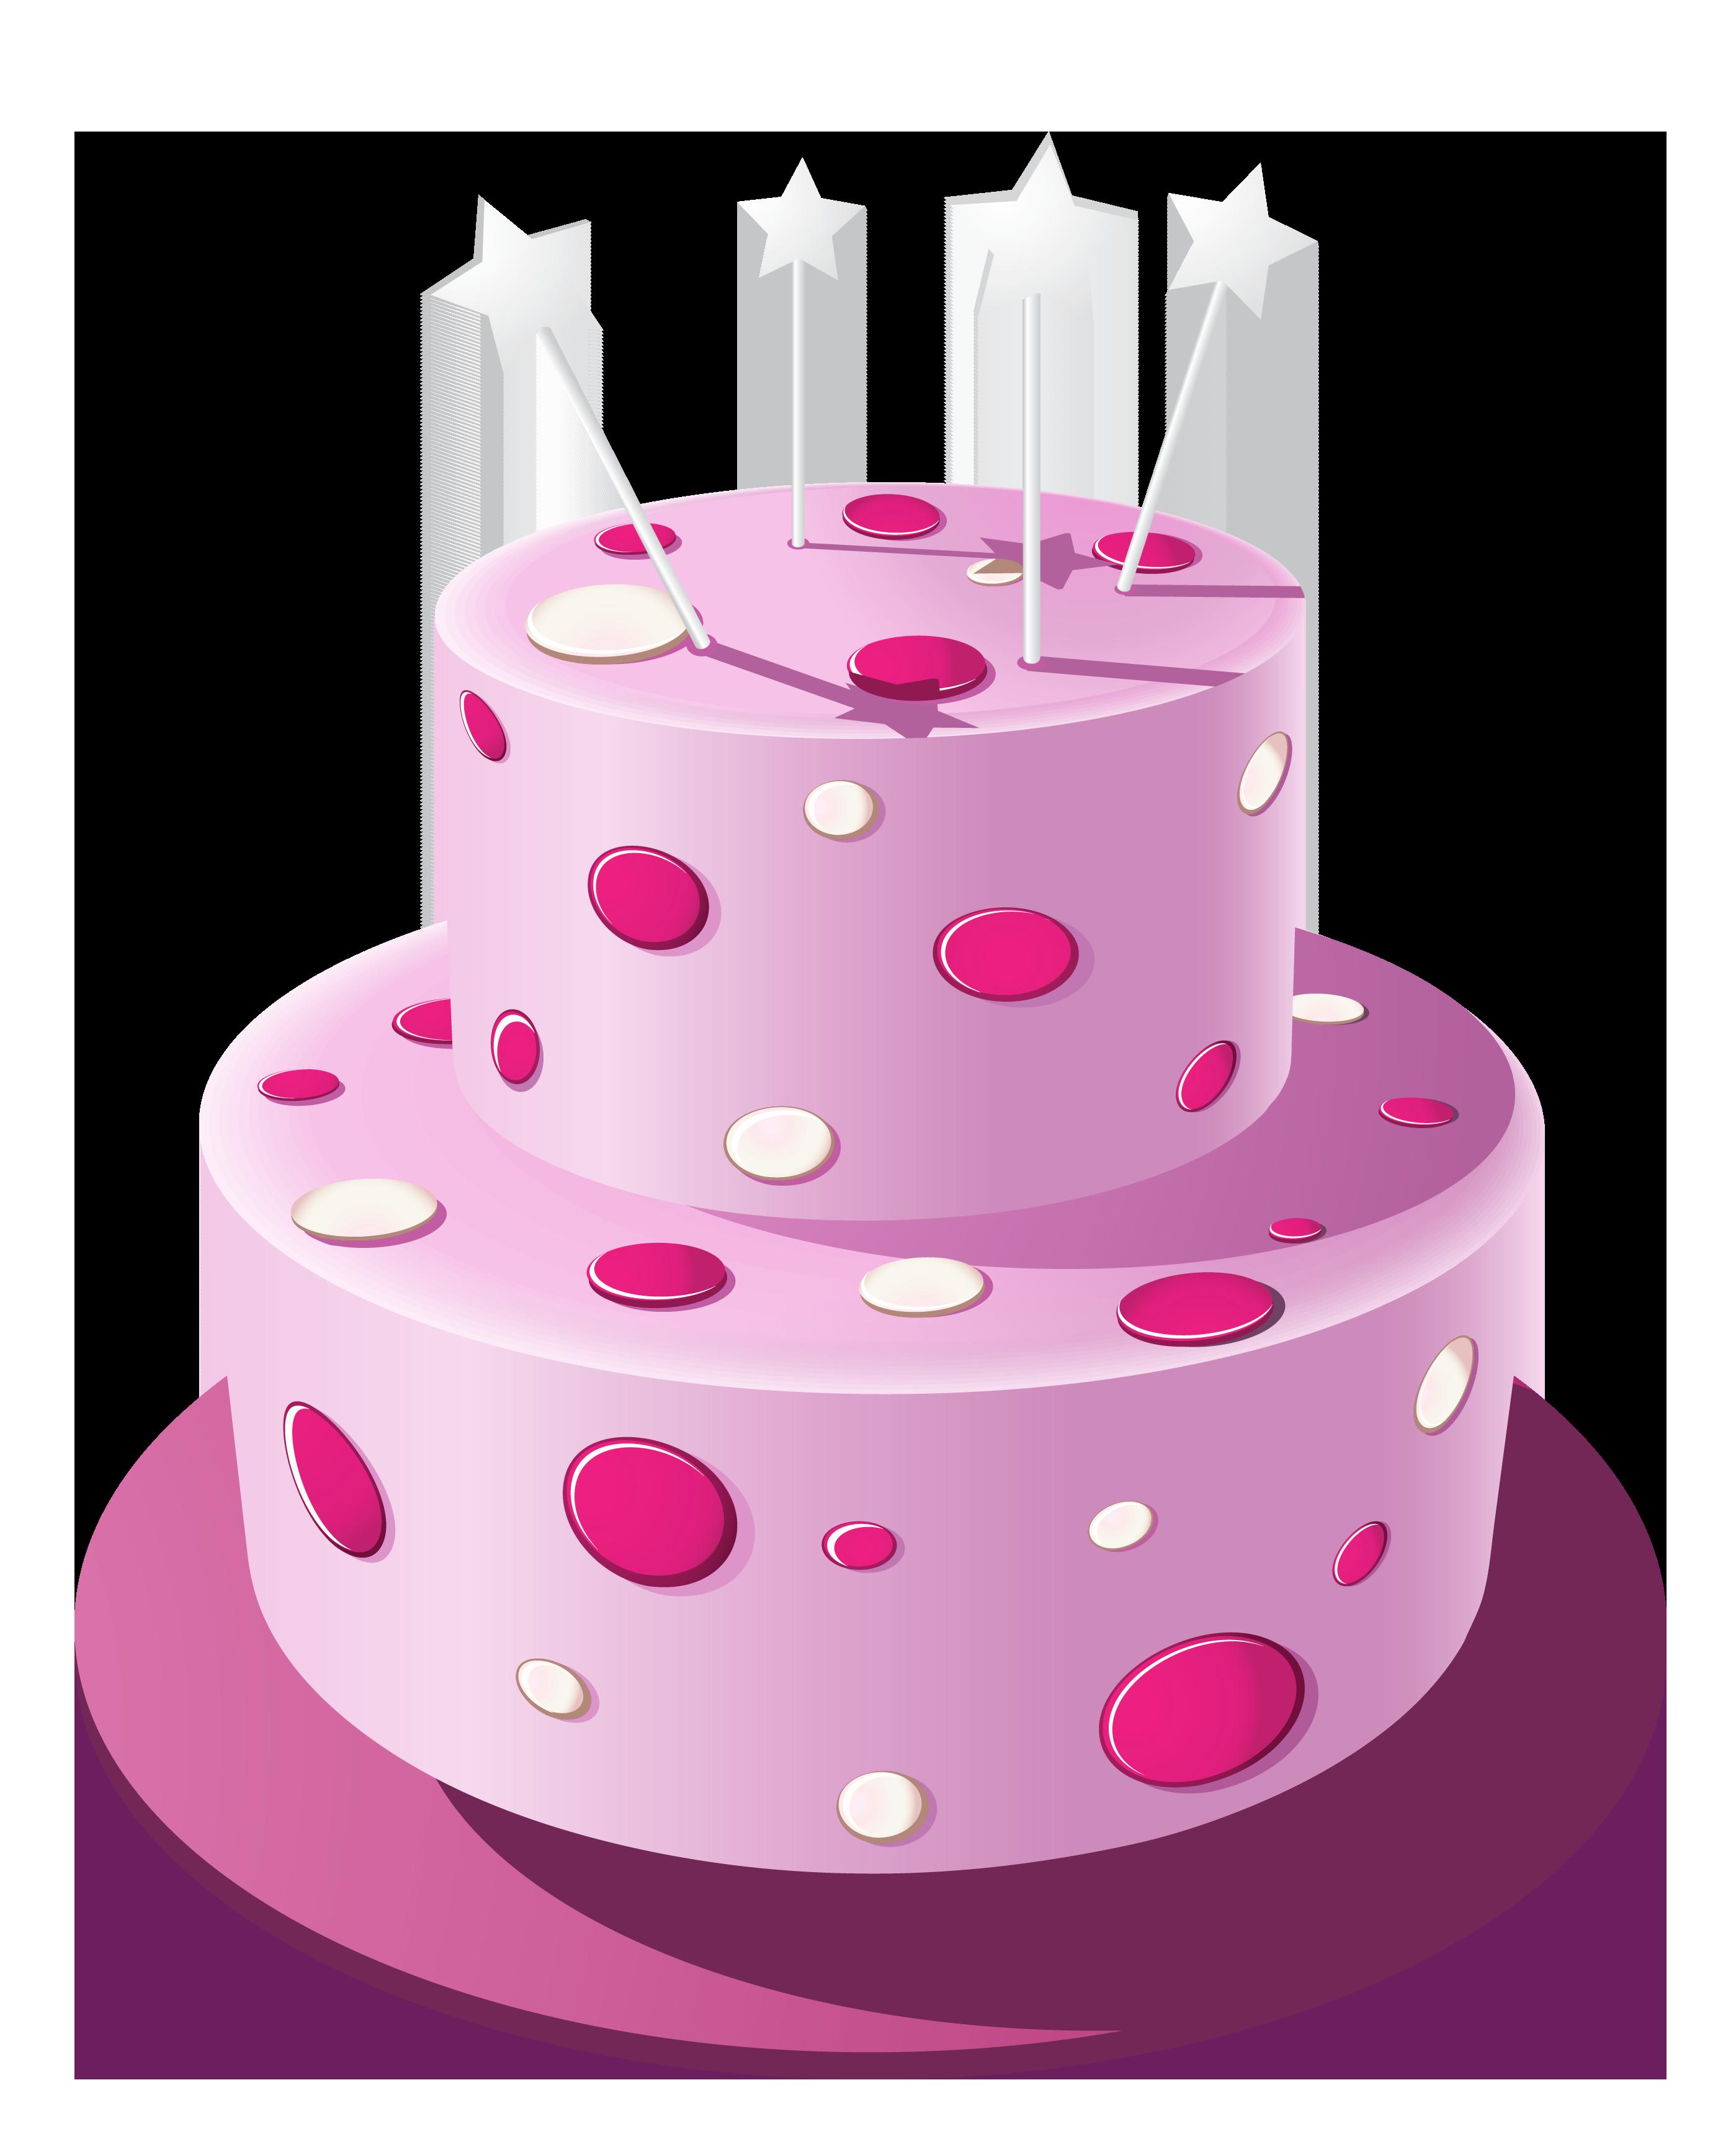 Clipart cake layer. Birthday cupcake chocolate wedding